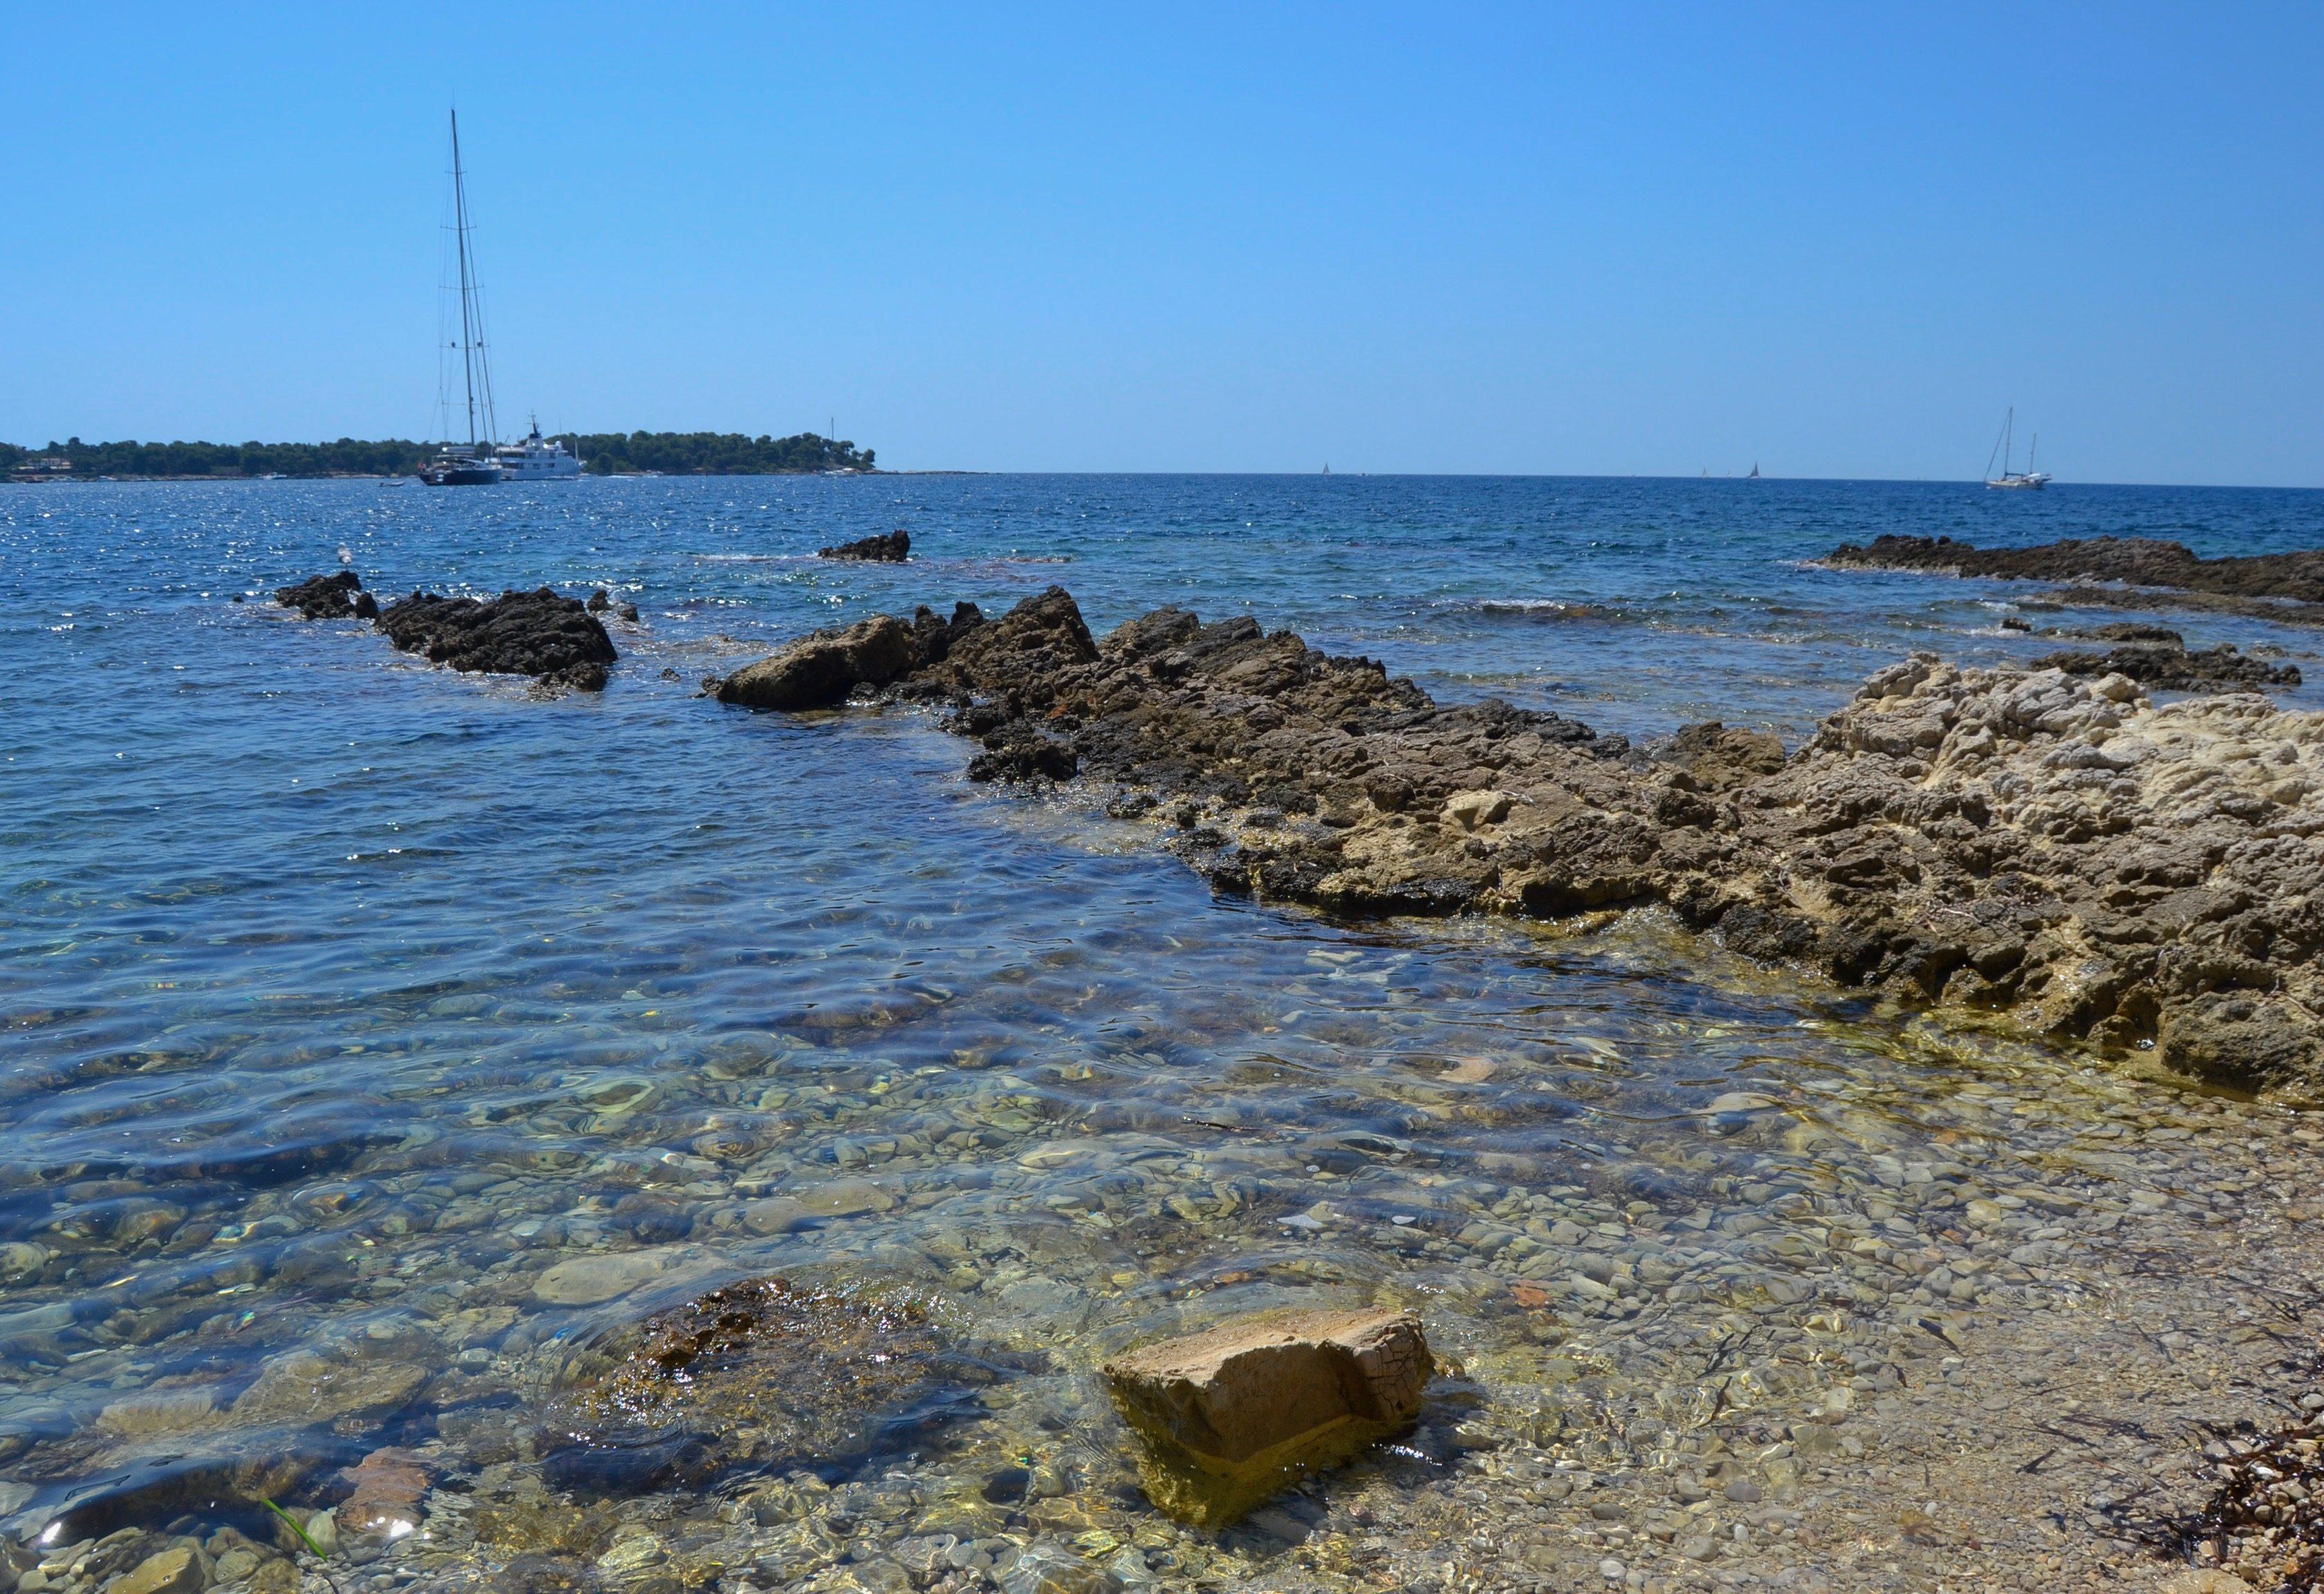 ile-sainte-marguerite-une-semaine-a-nice-blog-voyage-les-ptits-touristes